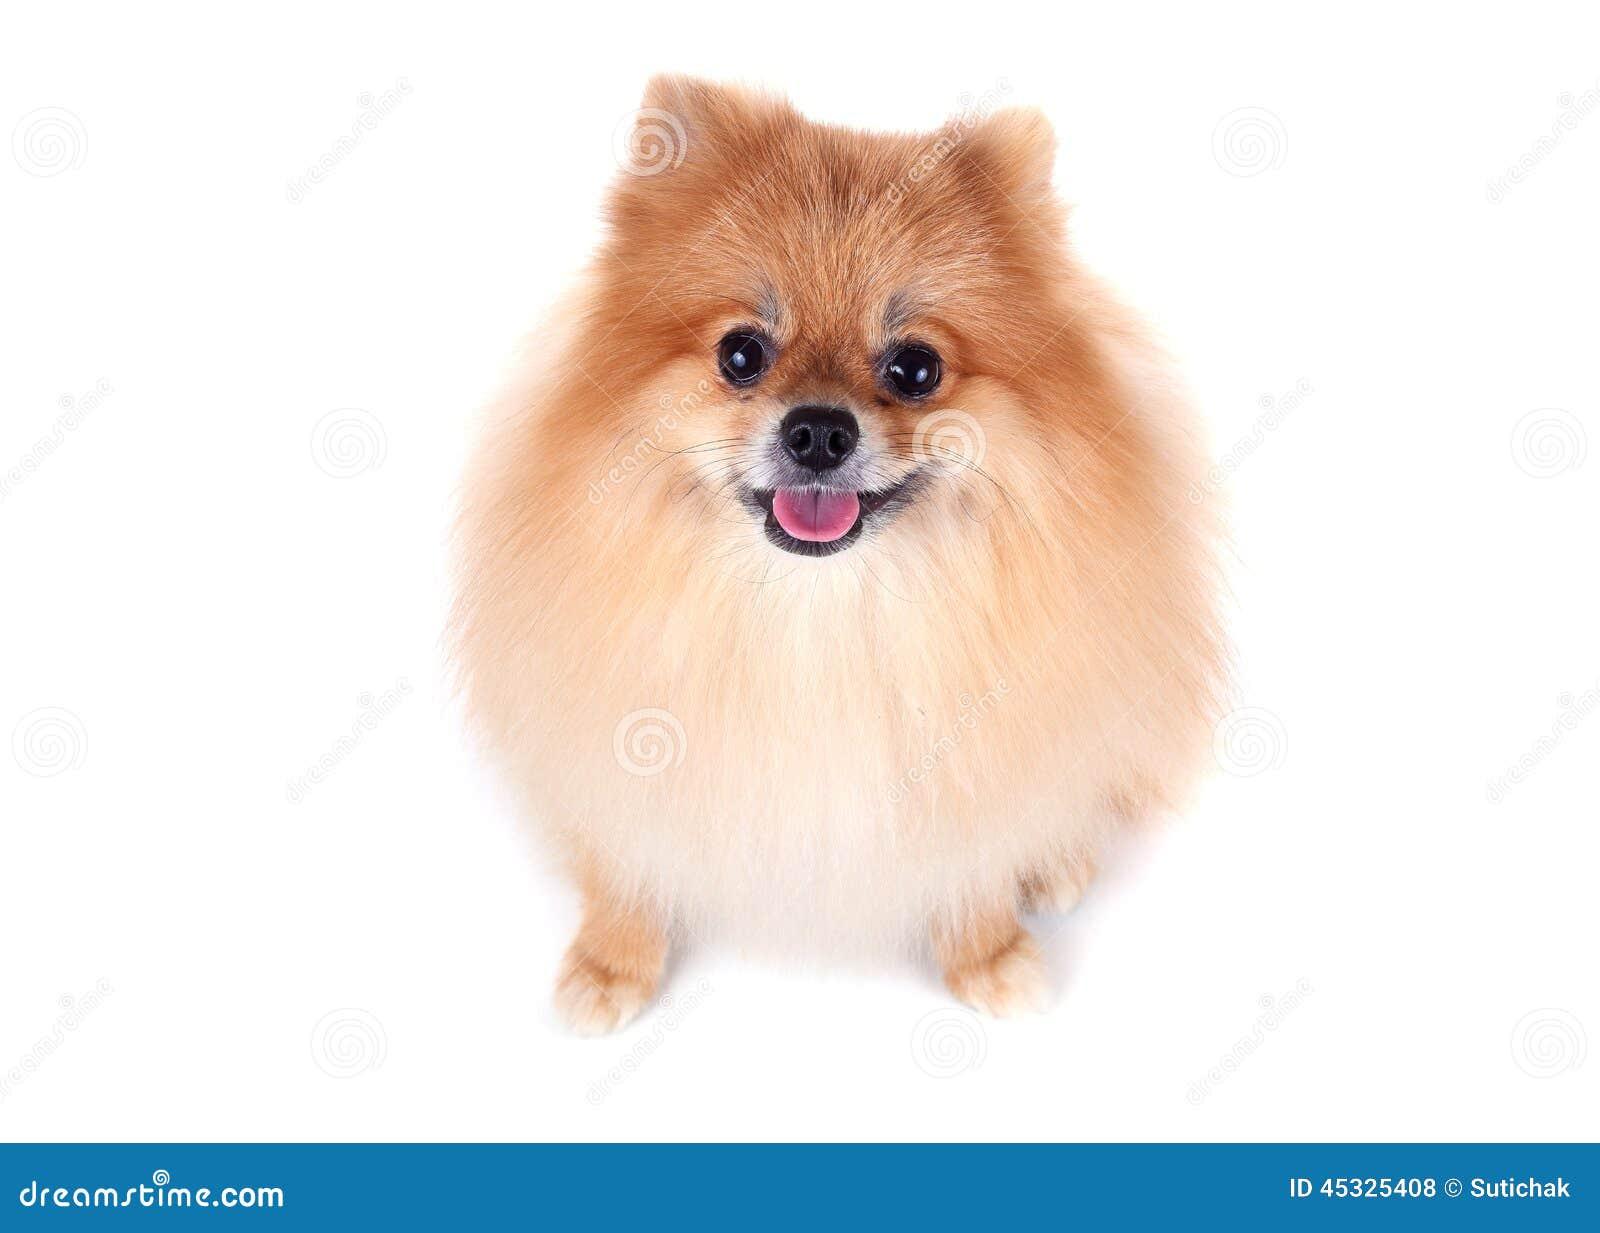 Pomeranian Dog On White Background Stock Photo Image Of Smile